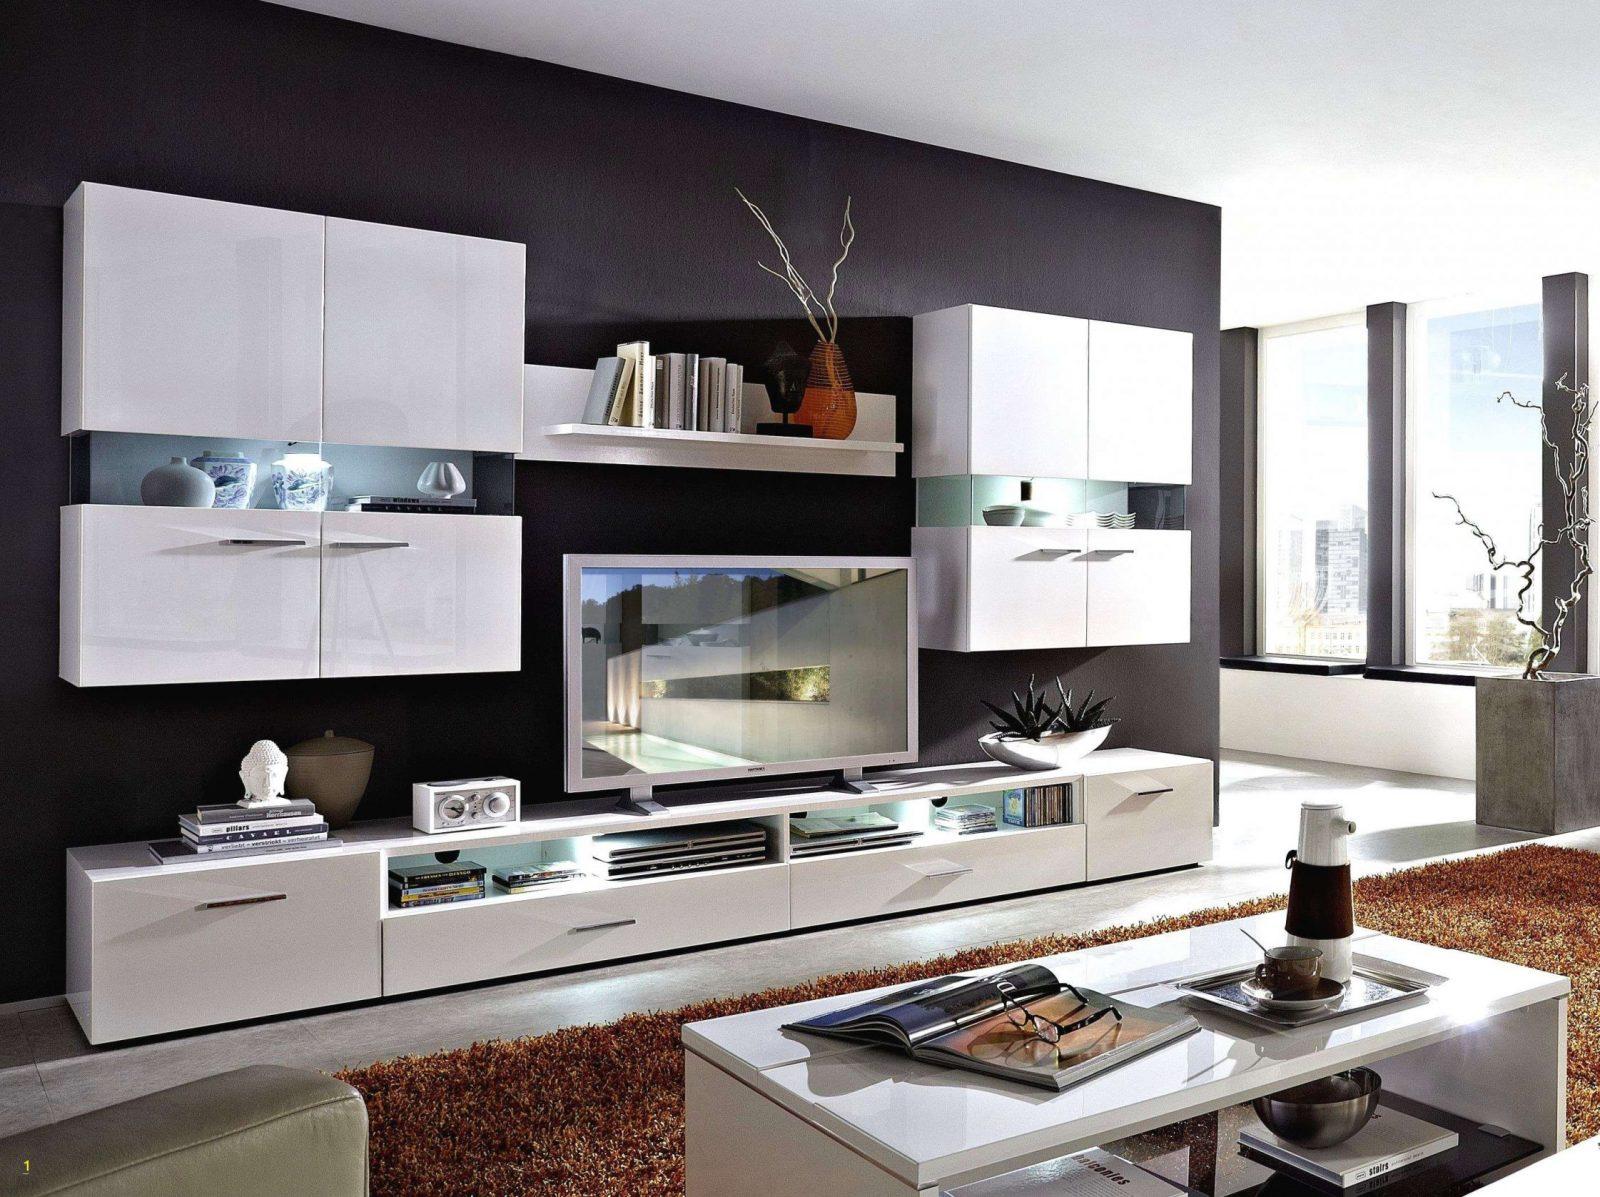 Wohnwand Ideen Selber Machen Design Von Wohnwand Selber Bauen Ideen von Wohnwand Selber Bauen Ideen Bild